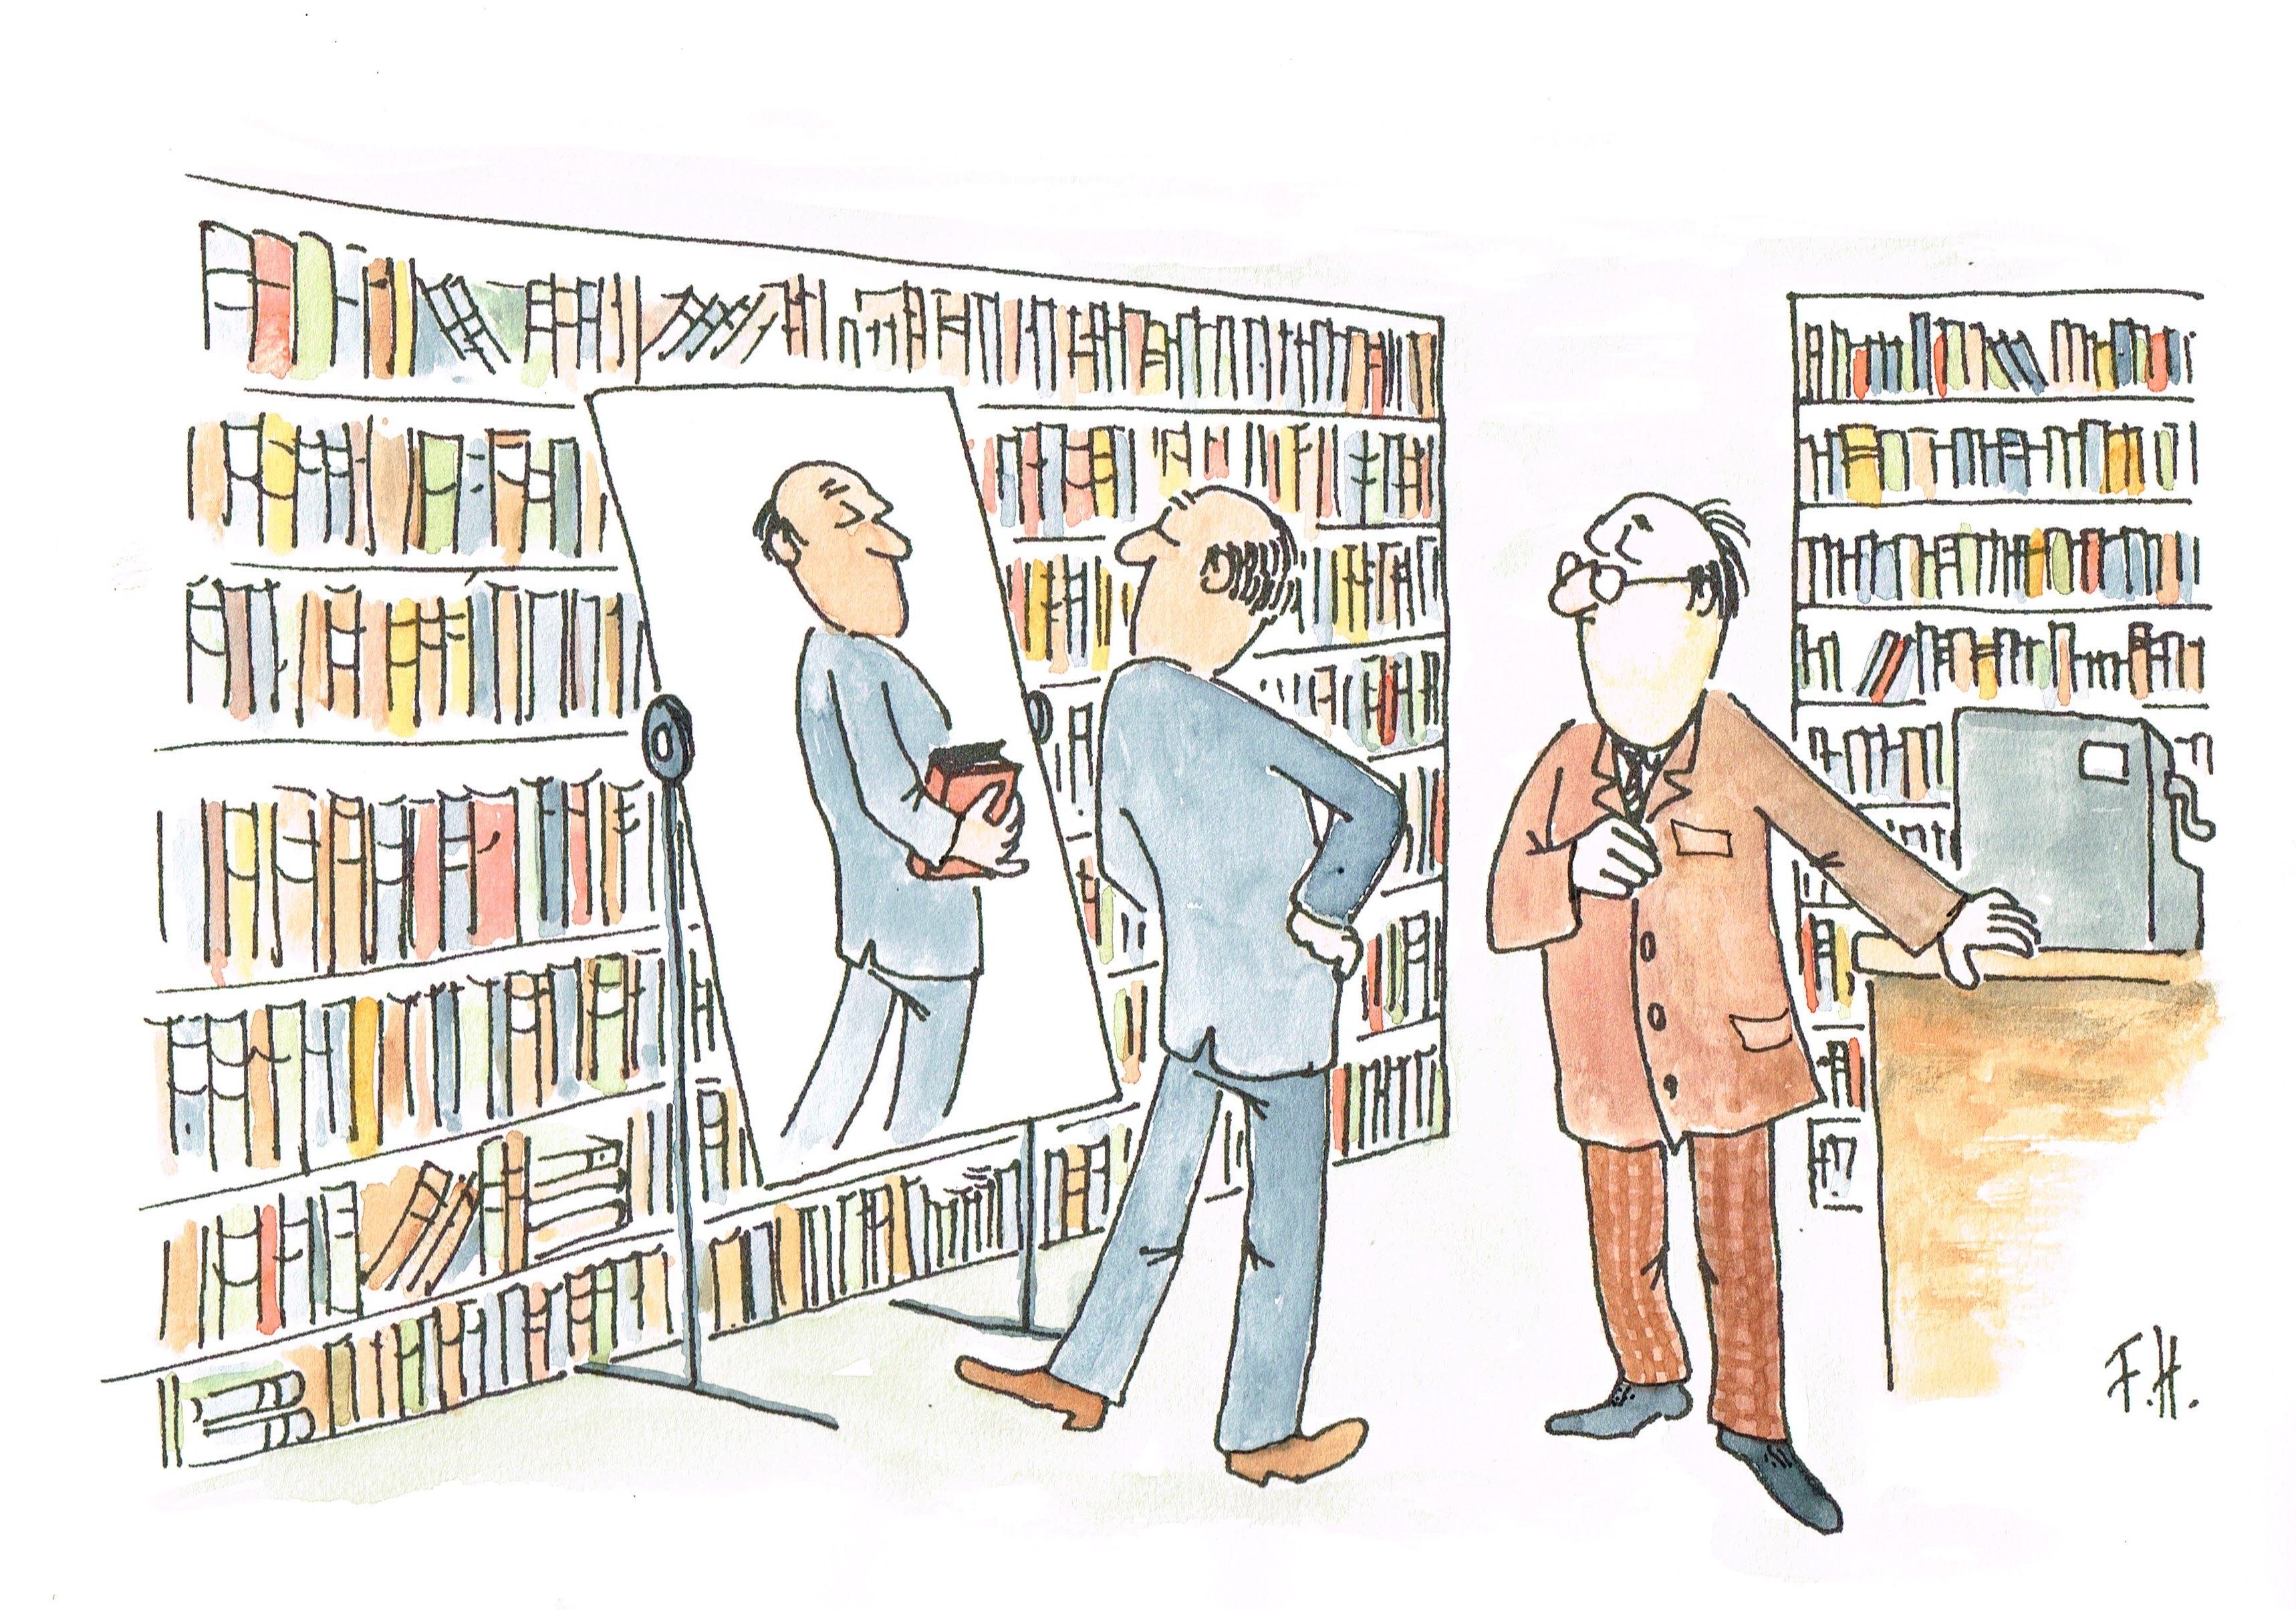 Ausstellung Cartoon Trifft Comic Ab 18 Oktober Im Haus Burgund